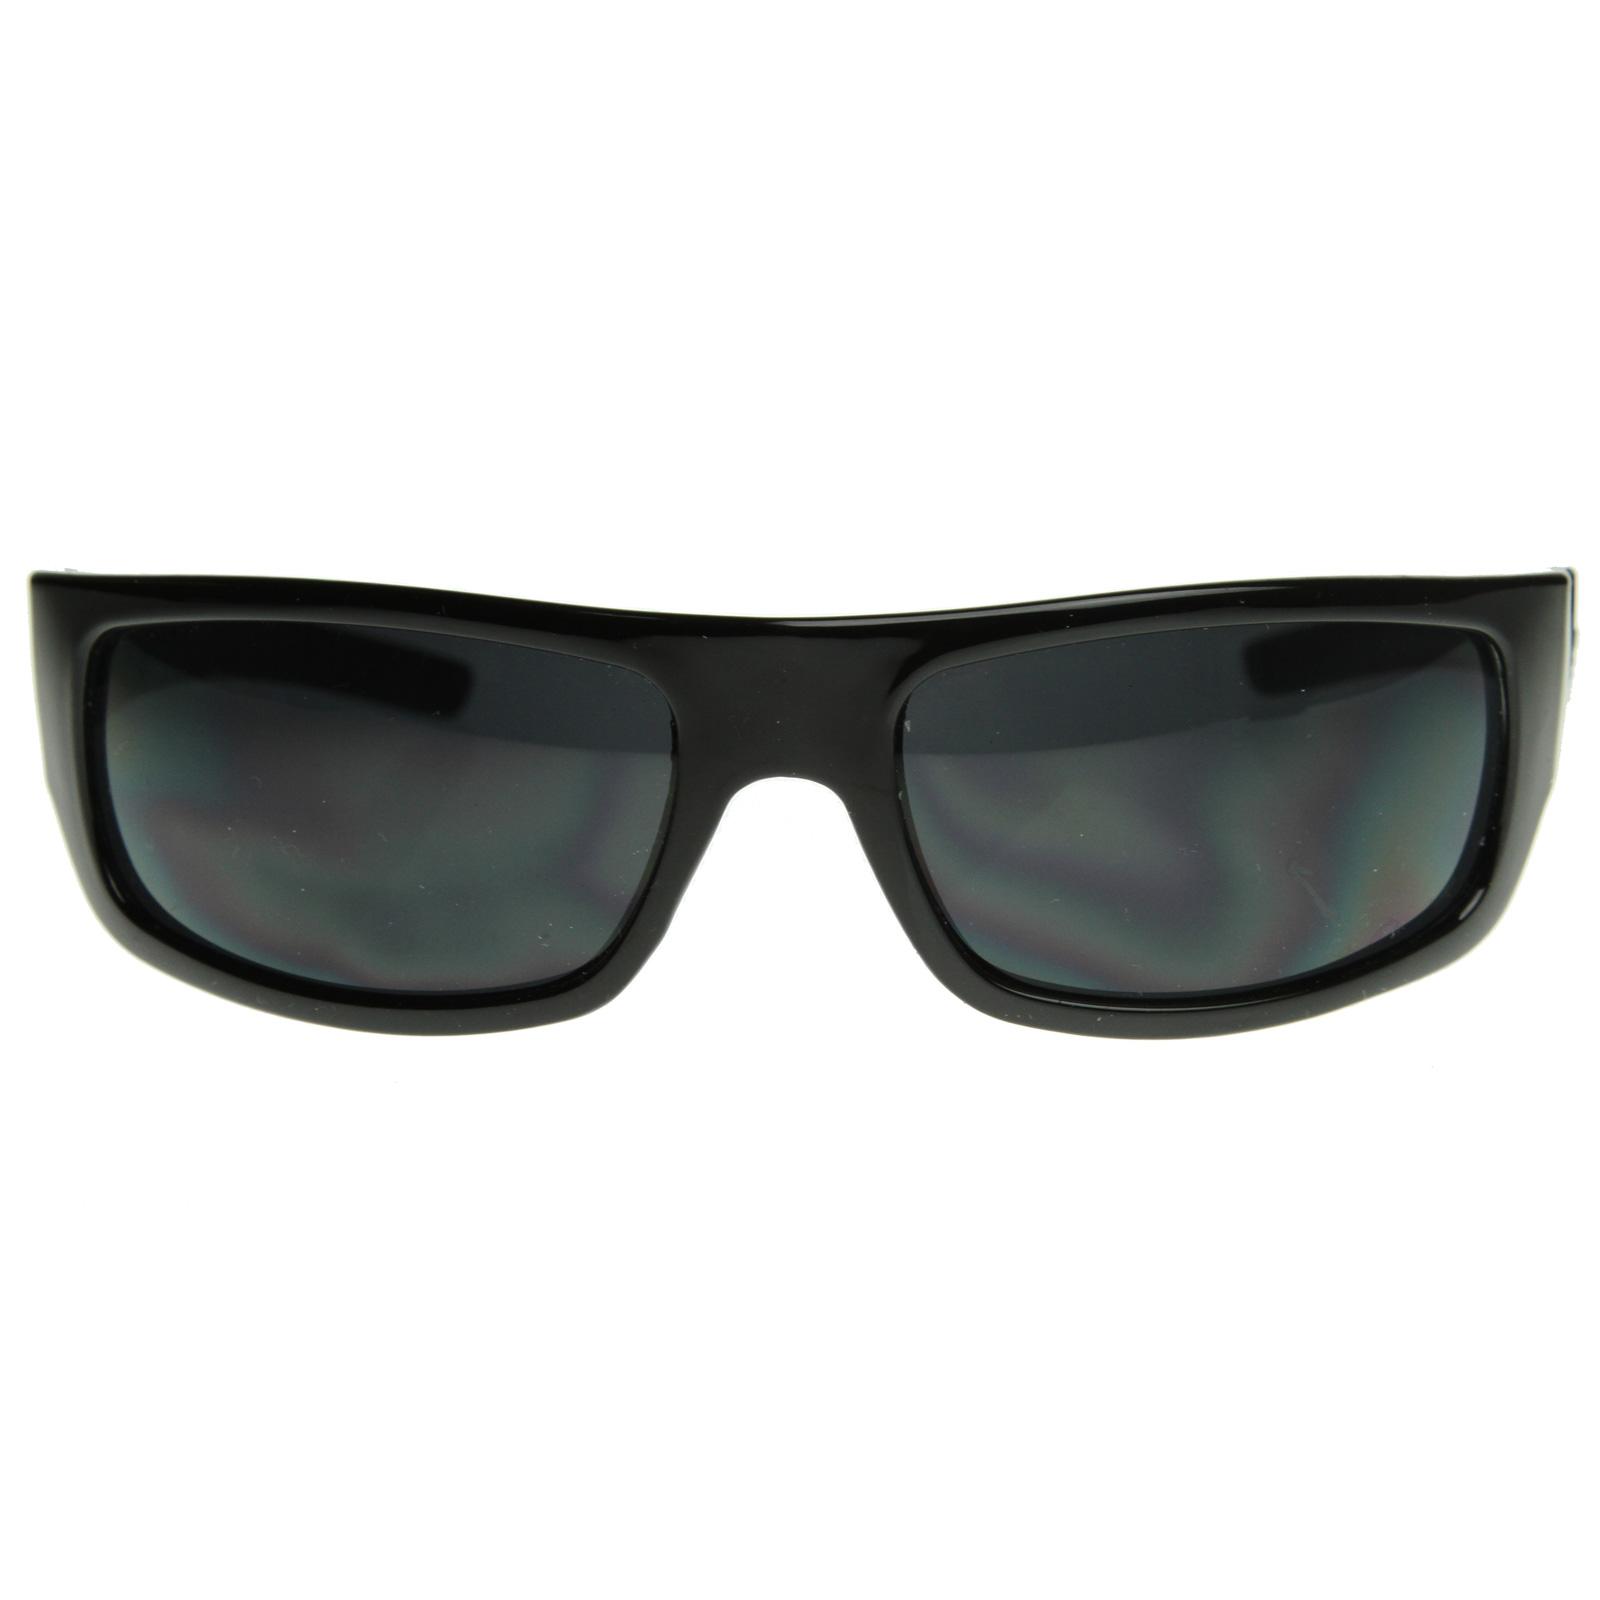 Locs glasses